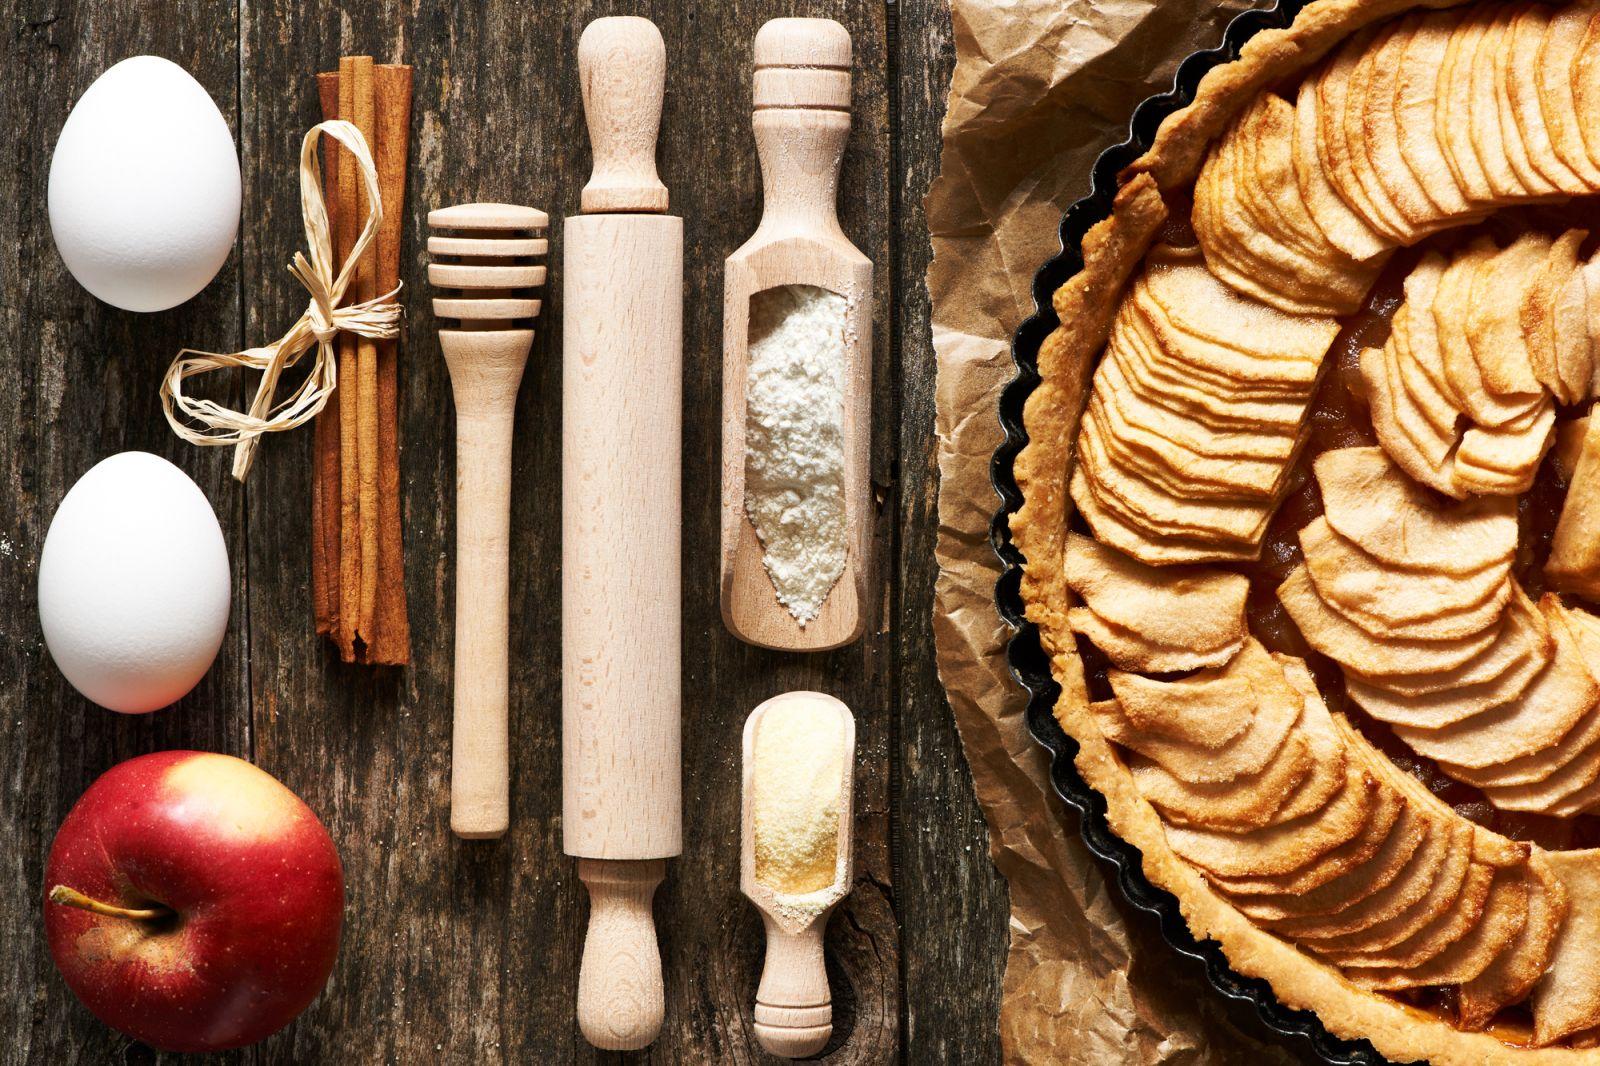 Яблочный пирог с корицей: рецепты для уютного вечера в кругу семьи - фото №4